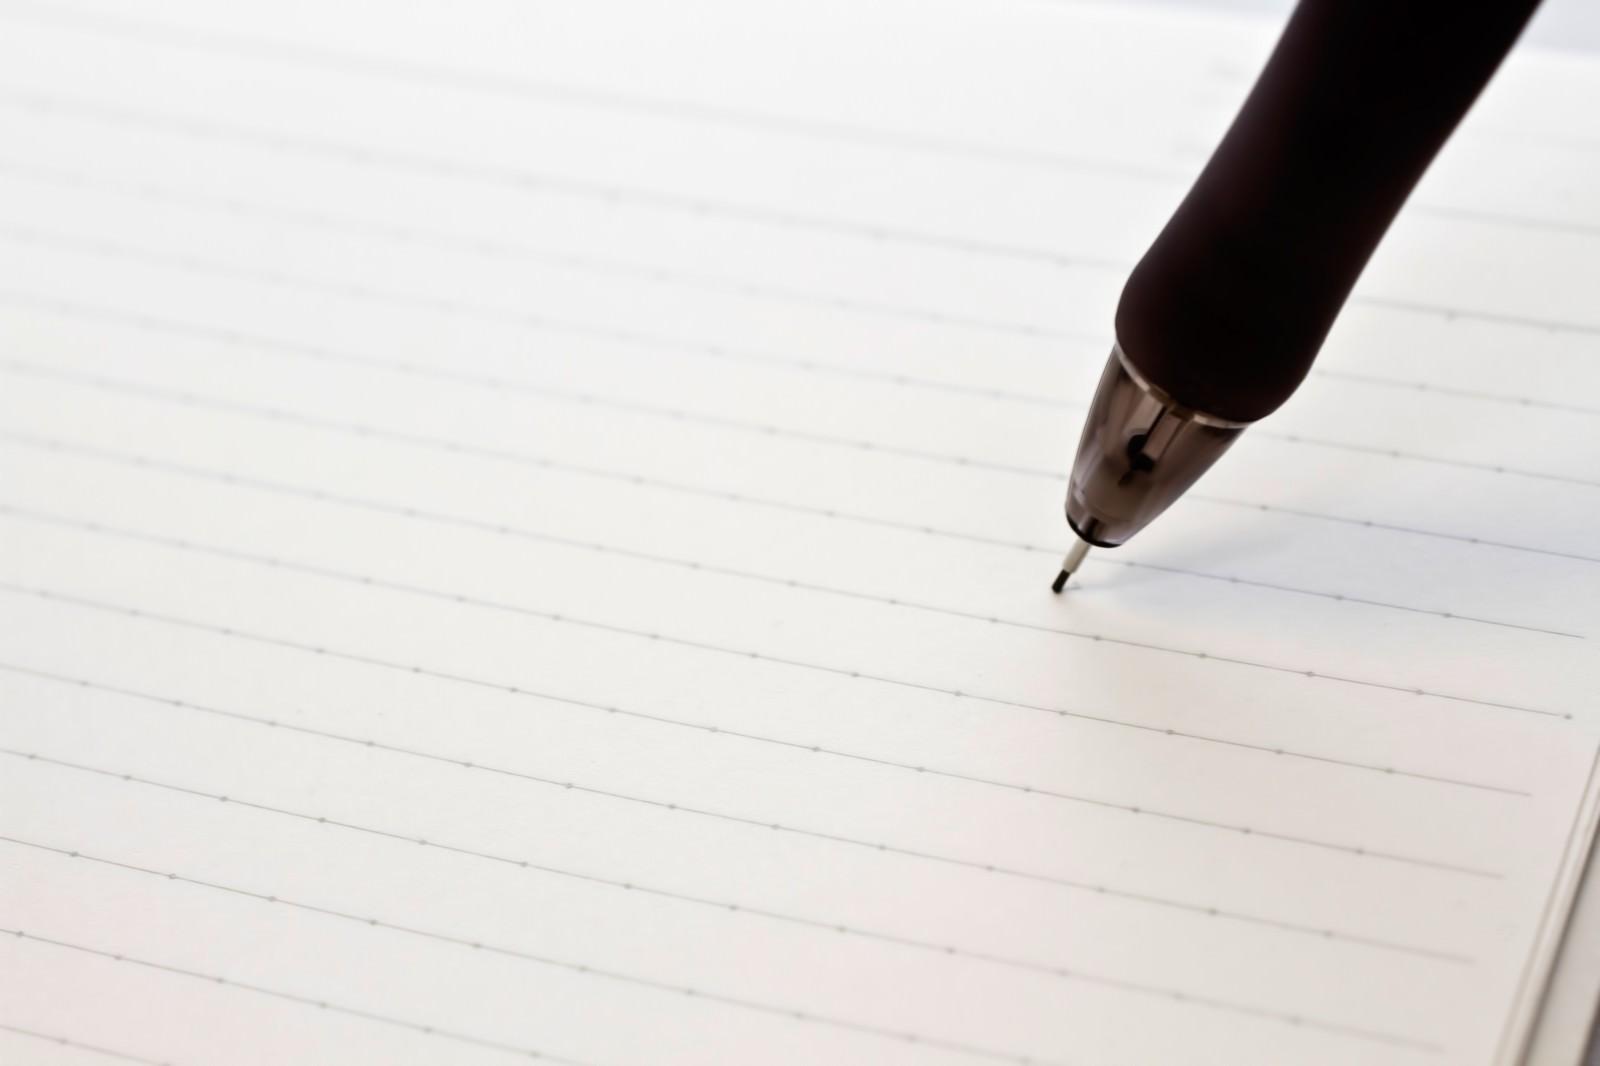 正しい目録の書き方|封筒/景品/結婚祝い/現金/卒園・卒団記念